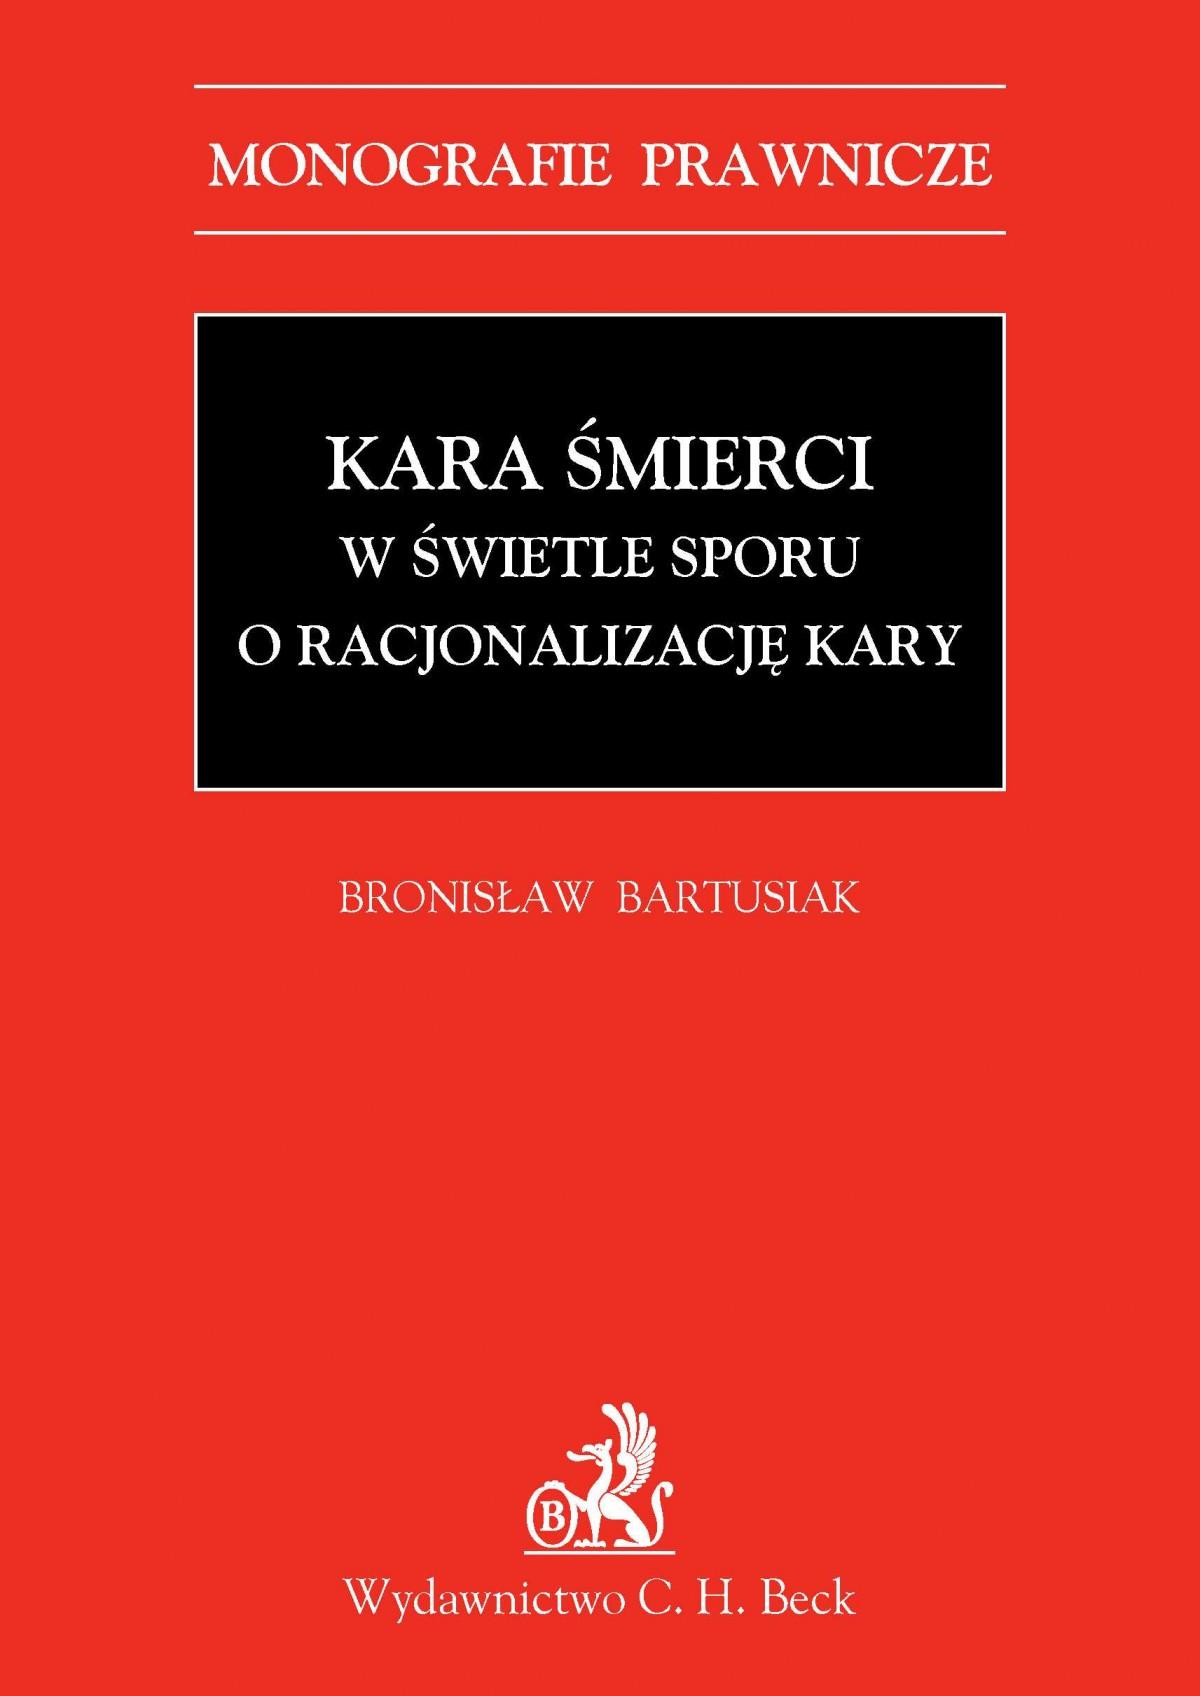 Kara śmierci w świetle sporu o racjonalizację kary - Ebook (Książka PDF) do pobrania w formacie PDF